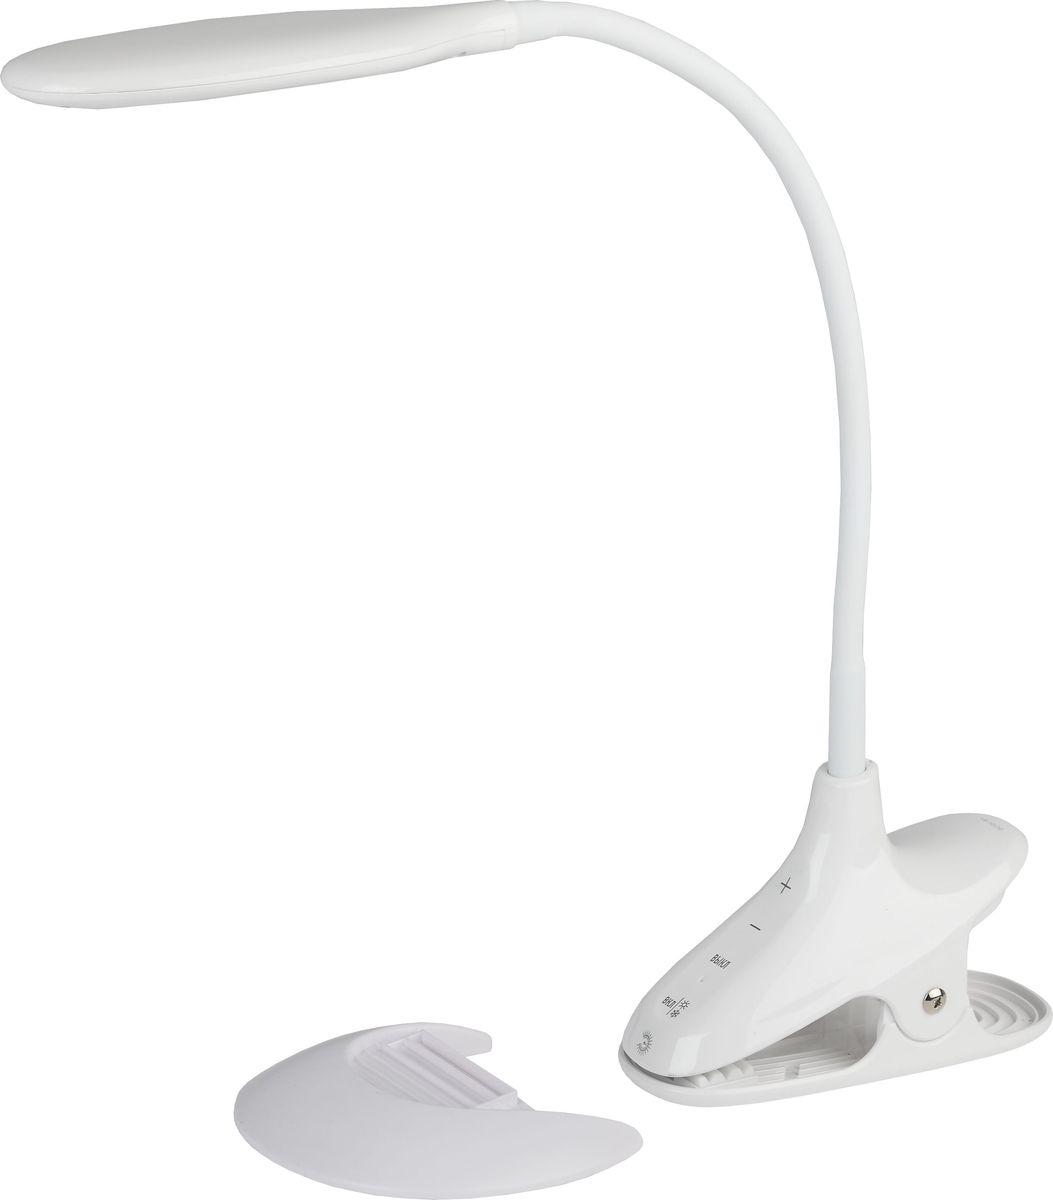 Настольный светильник ЭРА, цвет: белый. NLED-454-9W-WNLED-454-9W-WСветильник со светодиодами (LED) в качестве источников света, которые экономят до 90% электроэнергии и не требуют замены на протяжении всего срока службы светильника. Два варианта крепления: модель на прищепке со съемной вставкой-основанием. Может быть использована как светильник на основании и как прищепка. Сенсорный переключатель на основании. Выбор цветовой температуры - 3 цвета: 3000К, 4500К, 6000К. Пятиступенчатый диммер для регулировки яркости. Гибкая стойка.